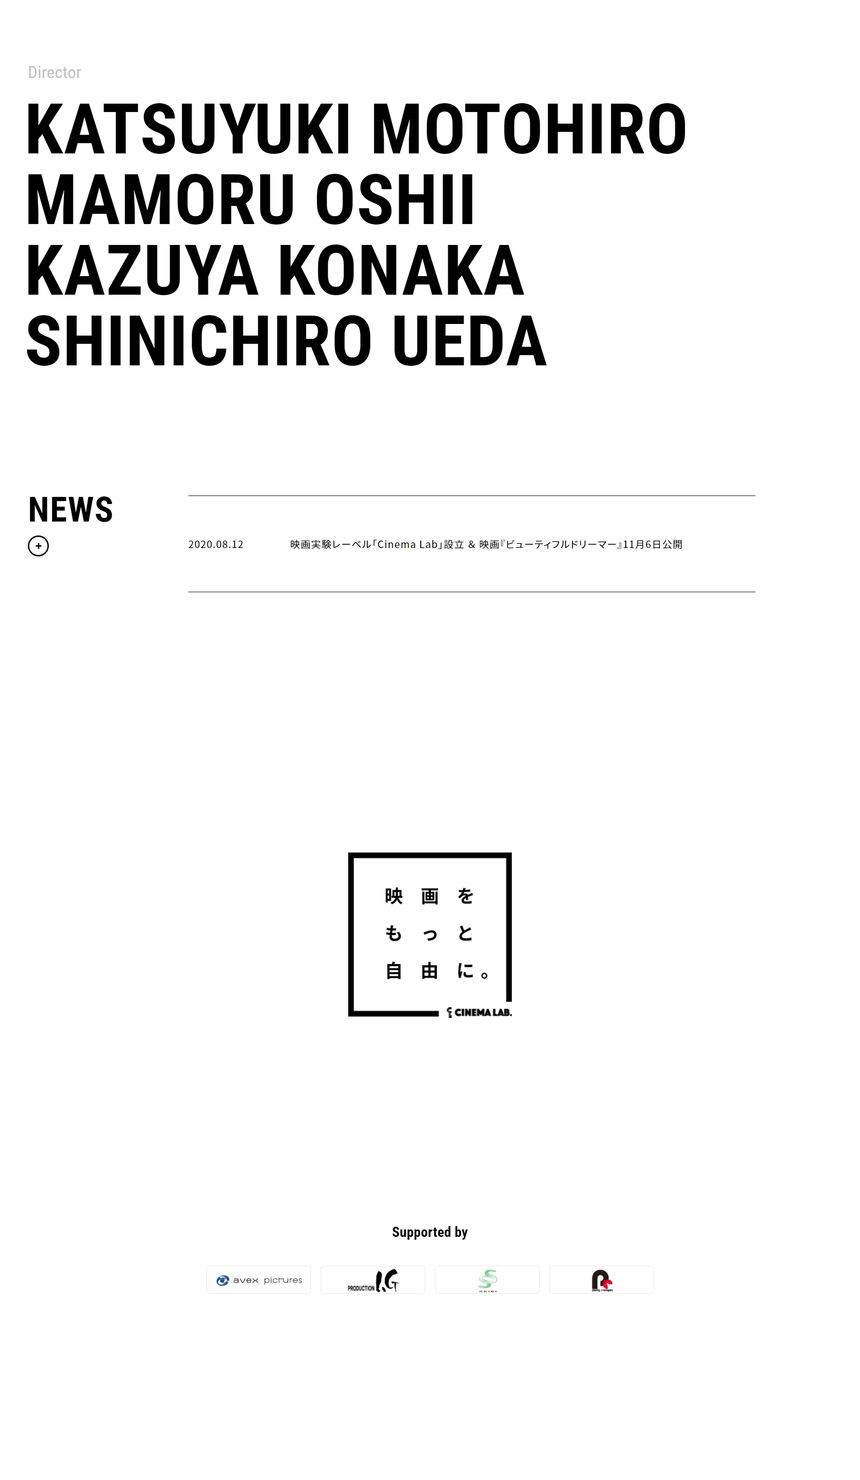 Cinema Lab 公式サイト